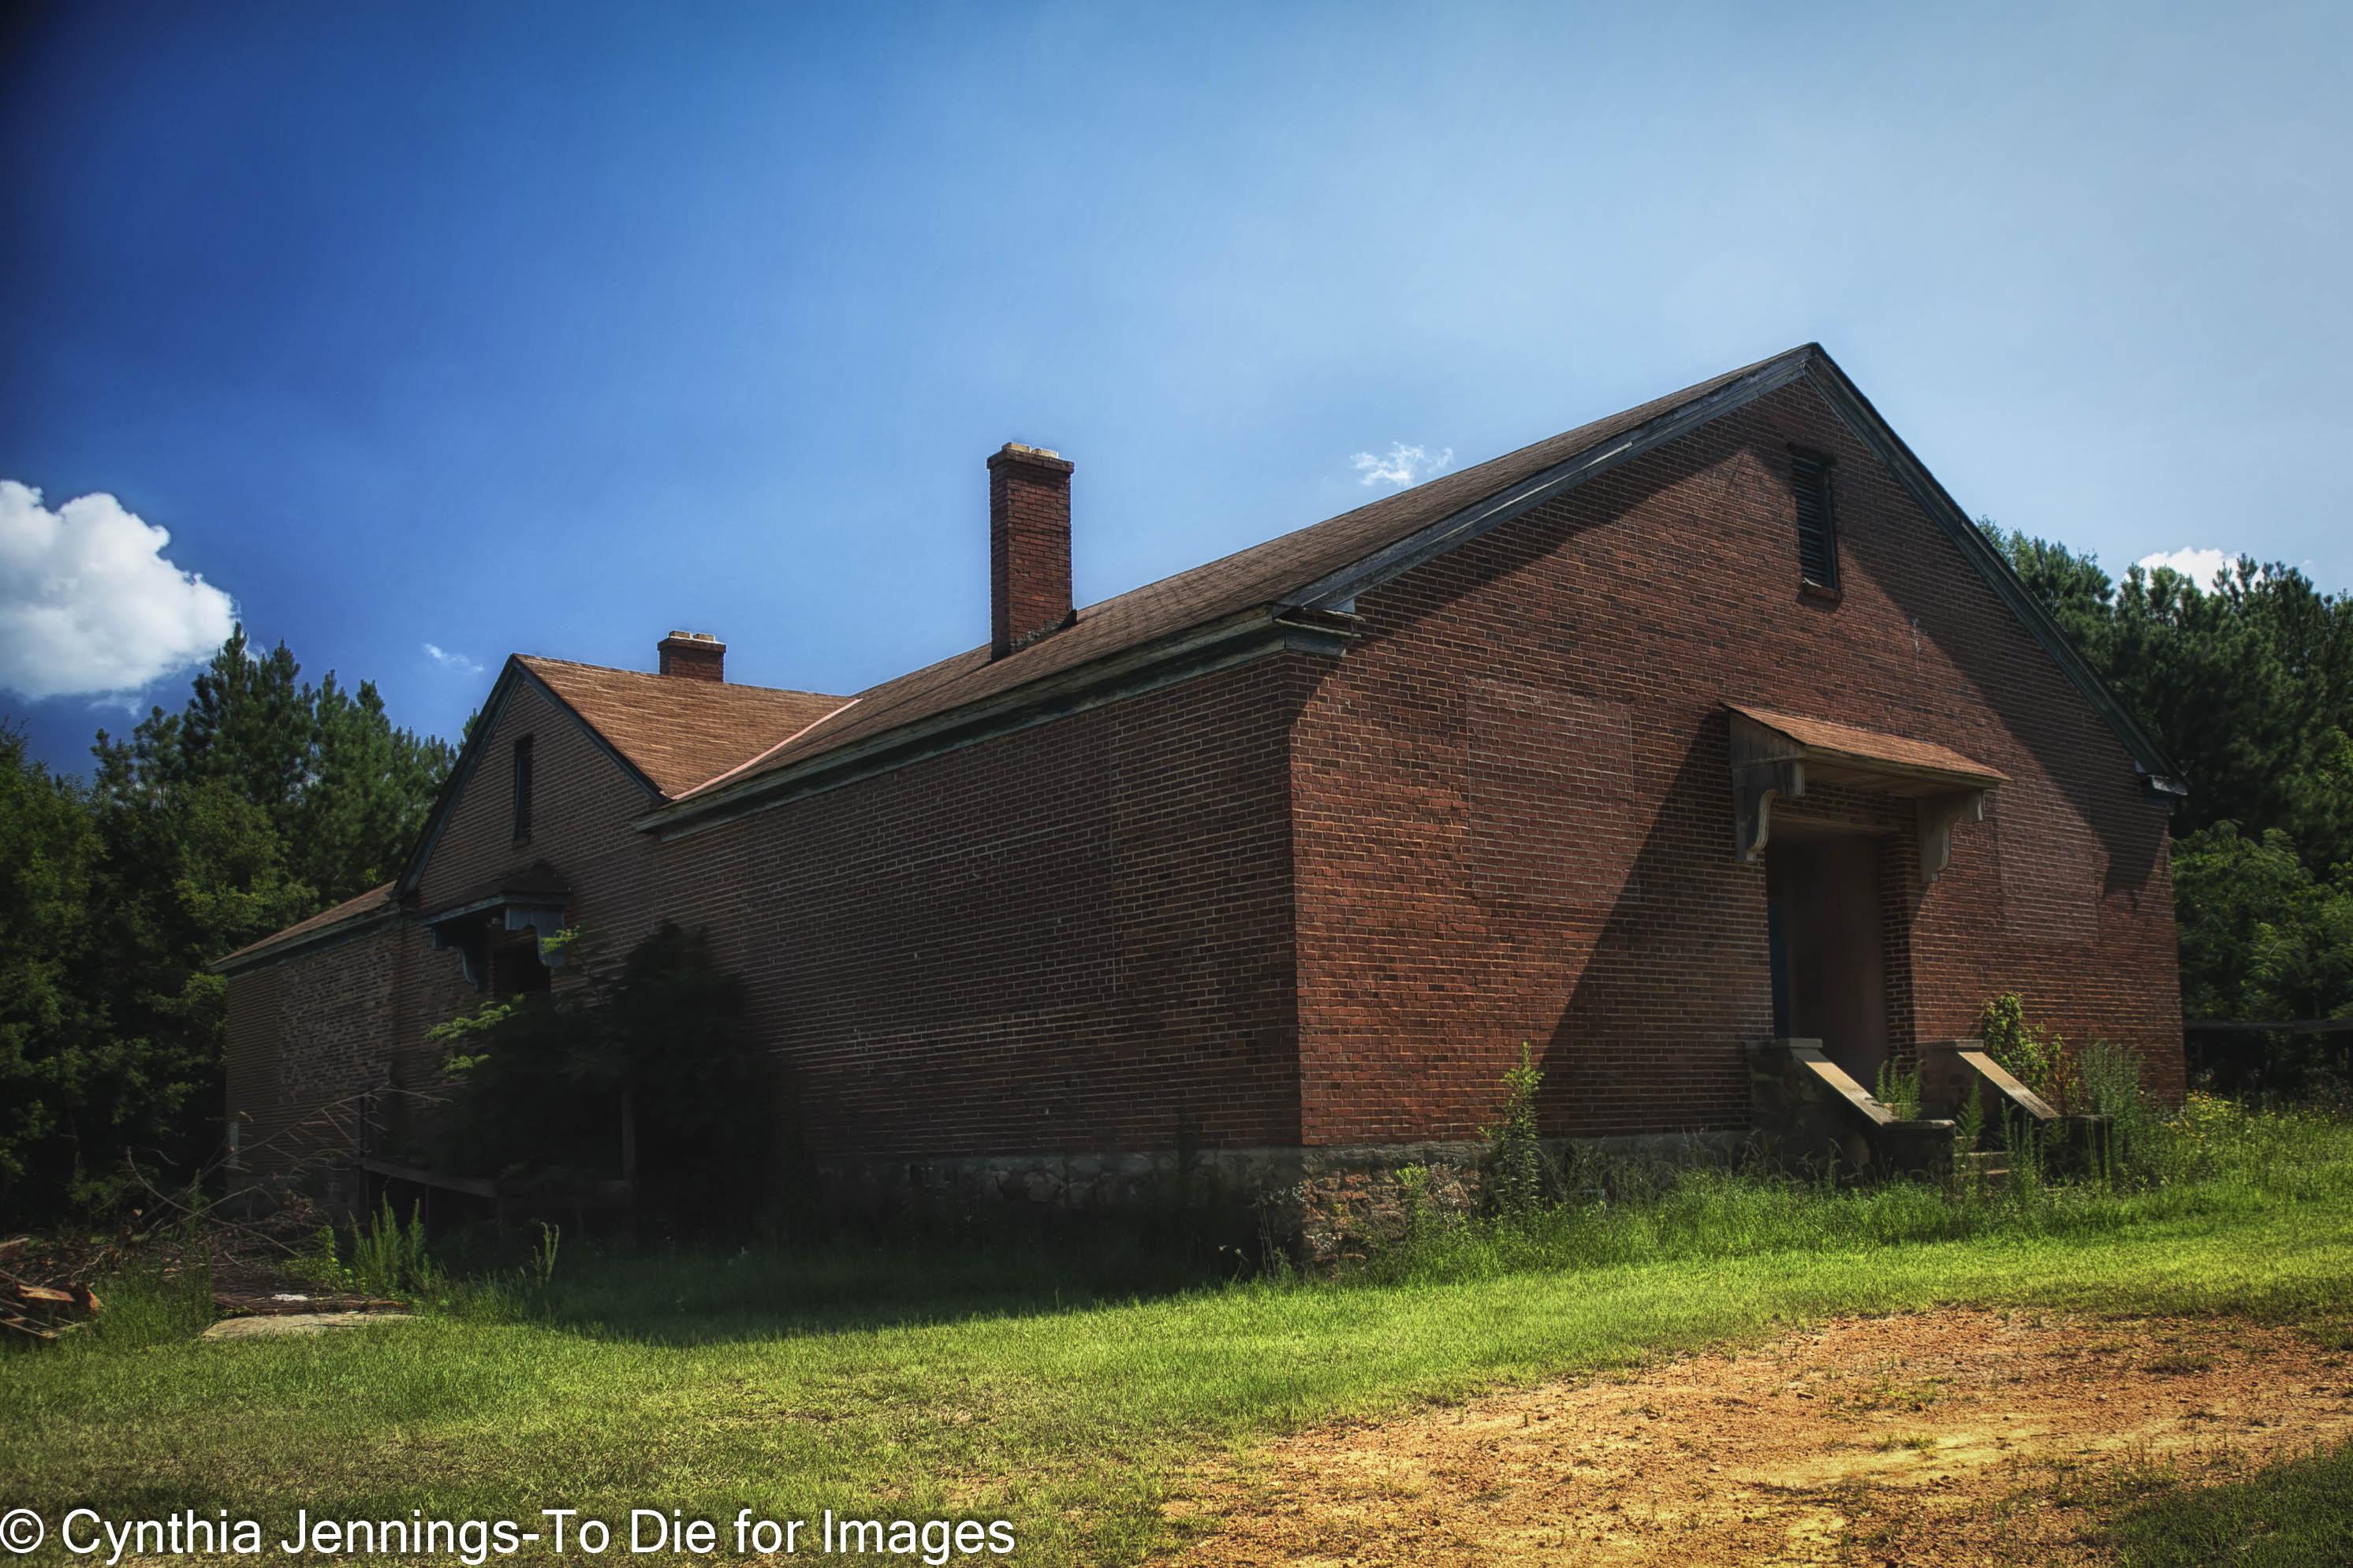 red brick school with side door